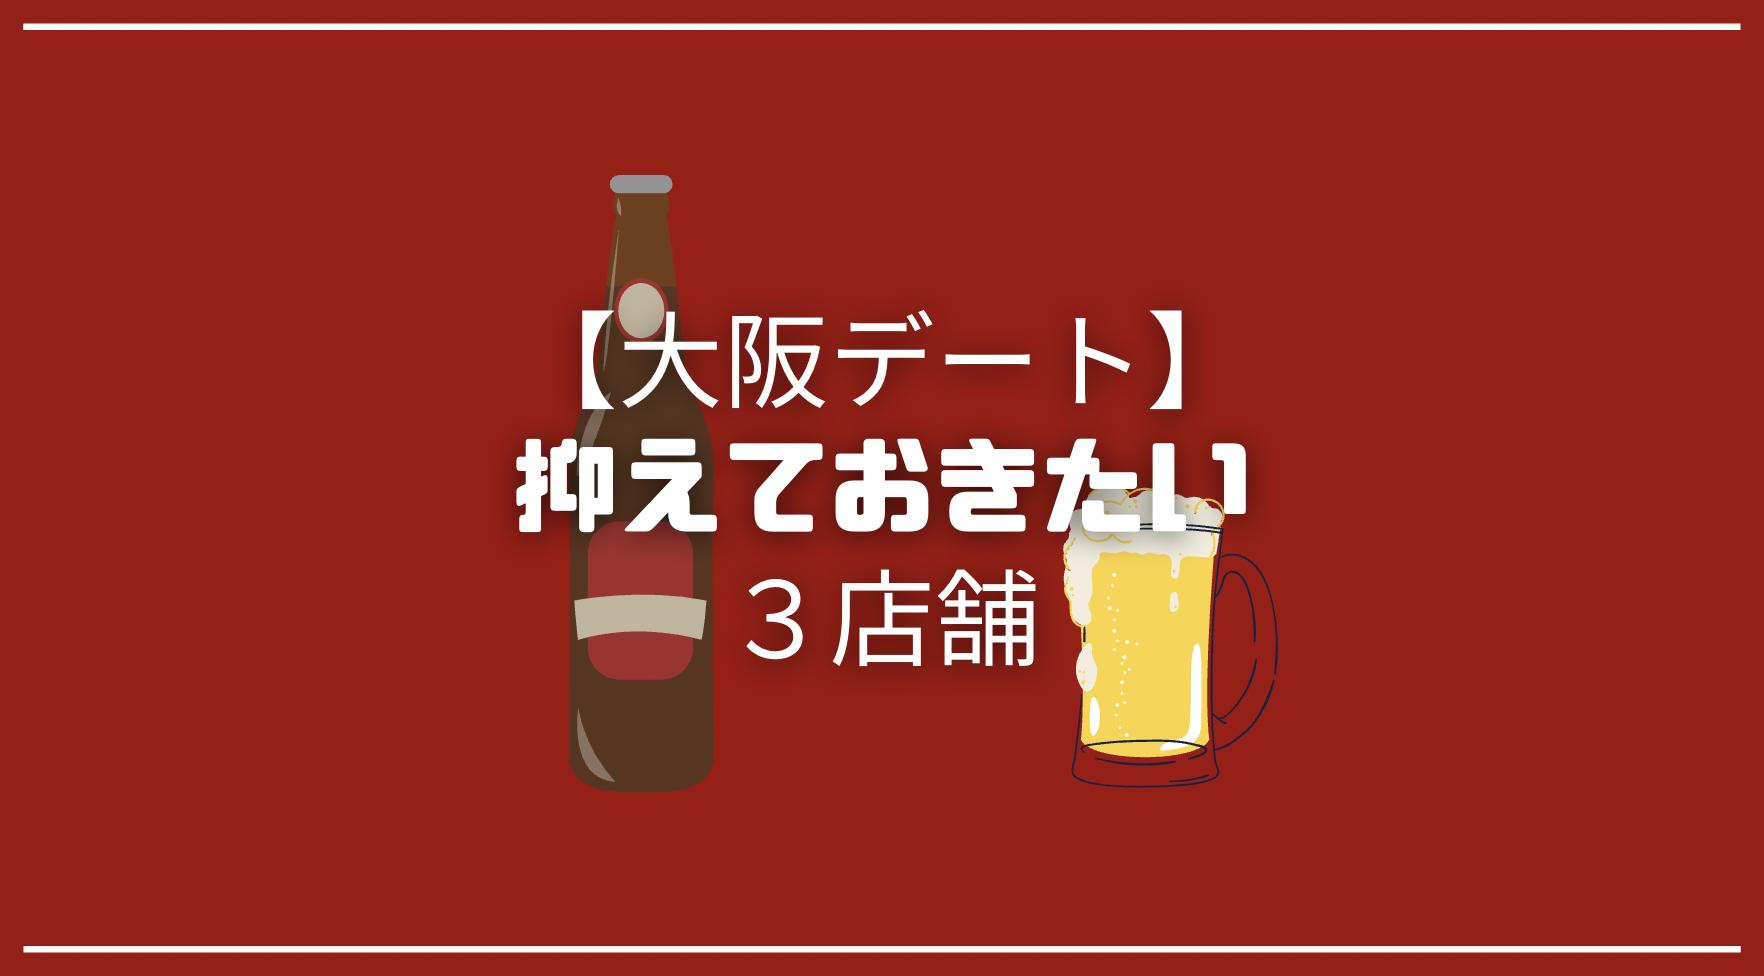 【大阪デートにオススメ】イケメンが経営する安くて美味しいお店3選